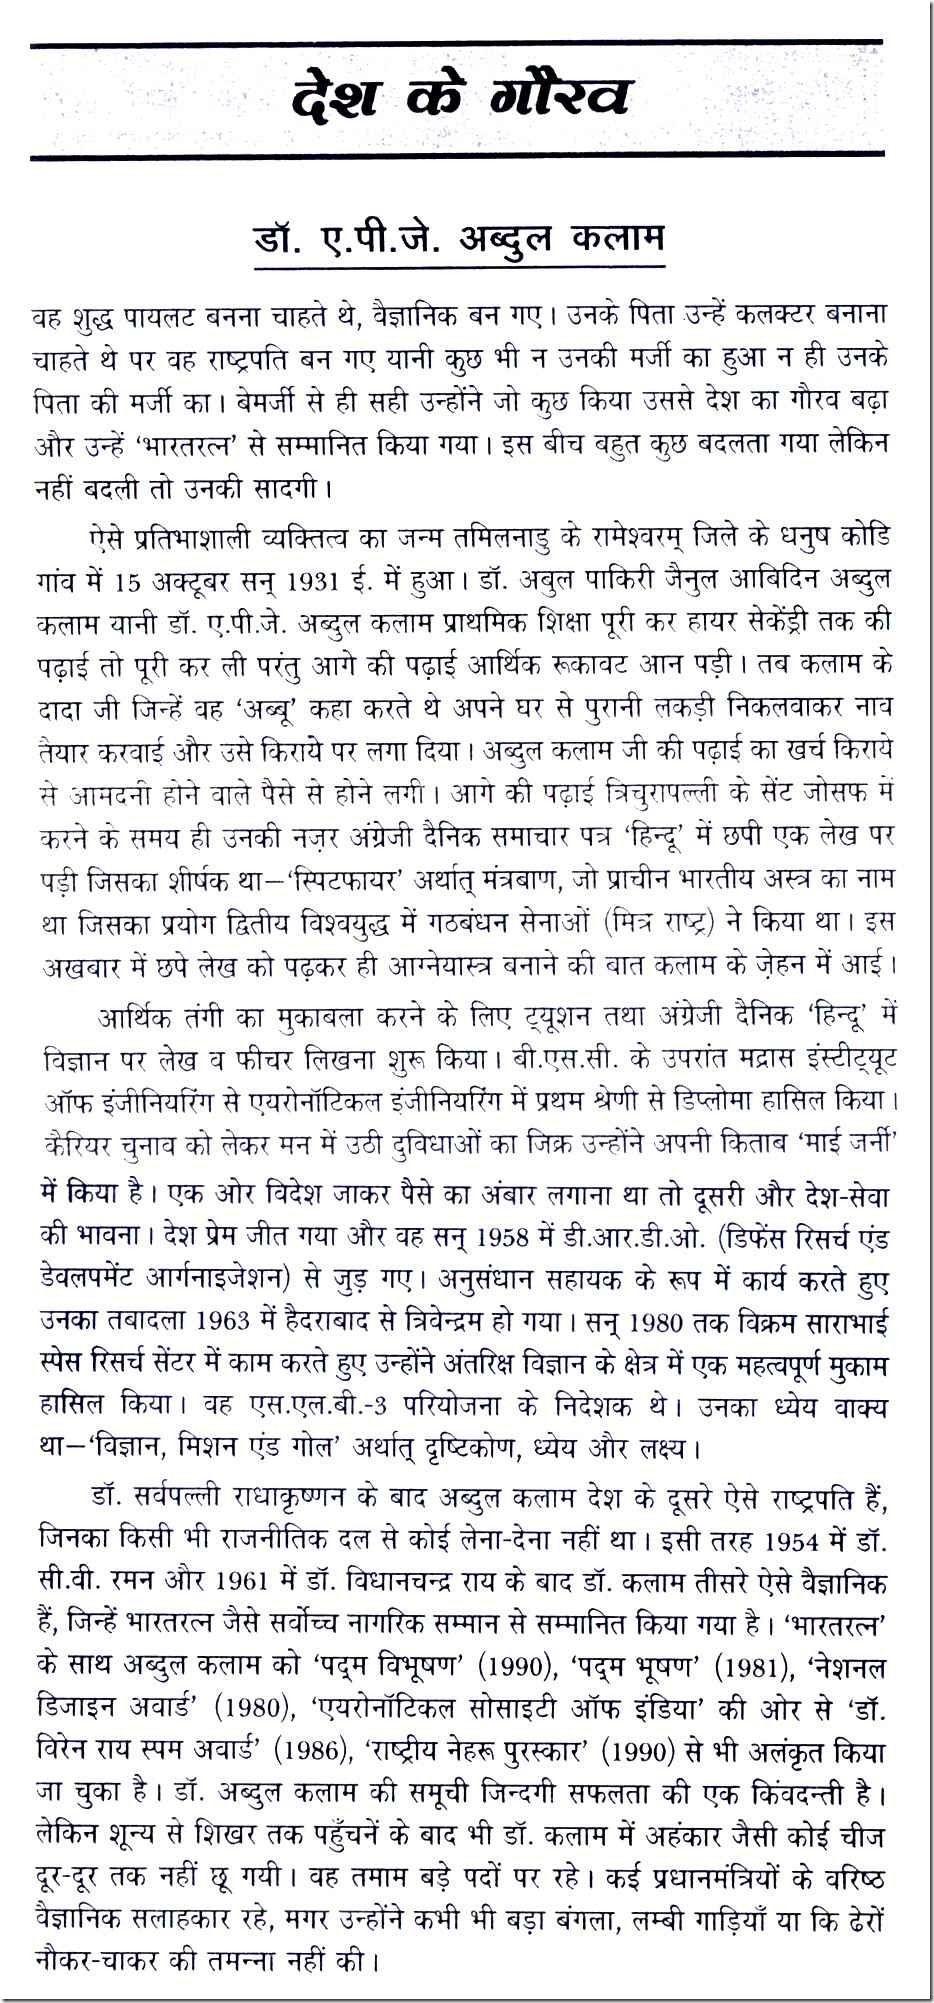 Image result for dr apj abdul kalam in hindi story